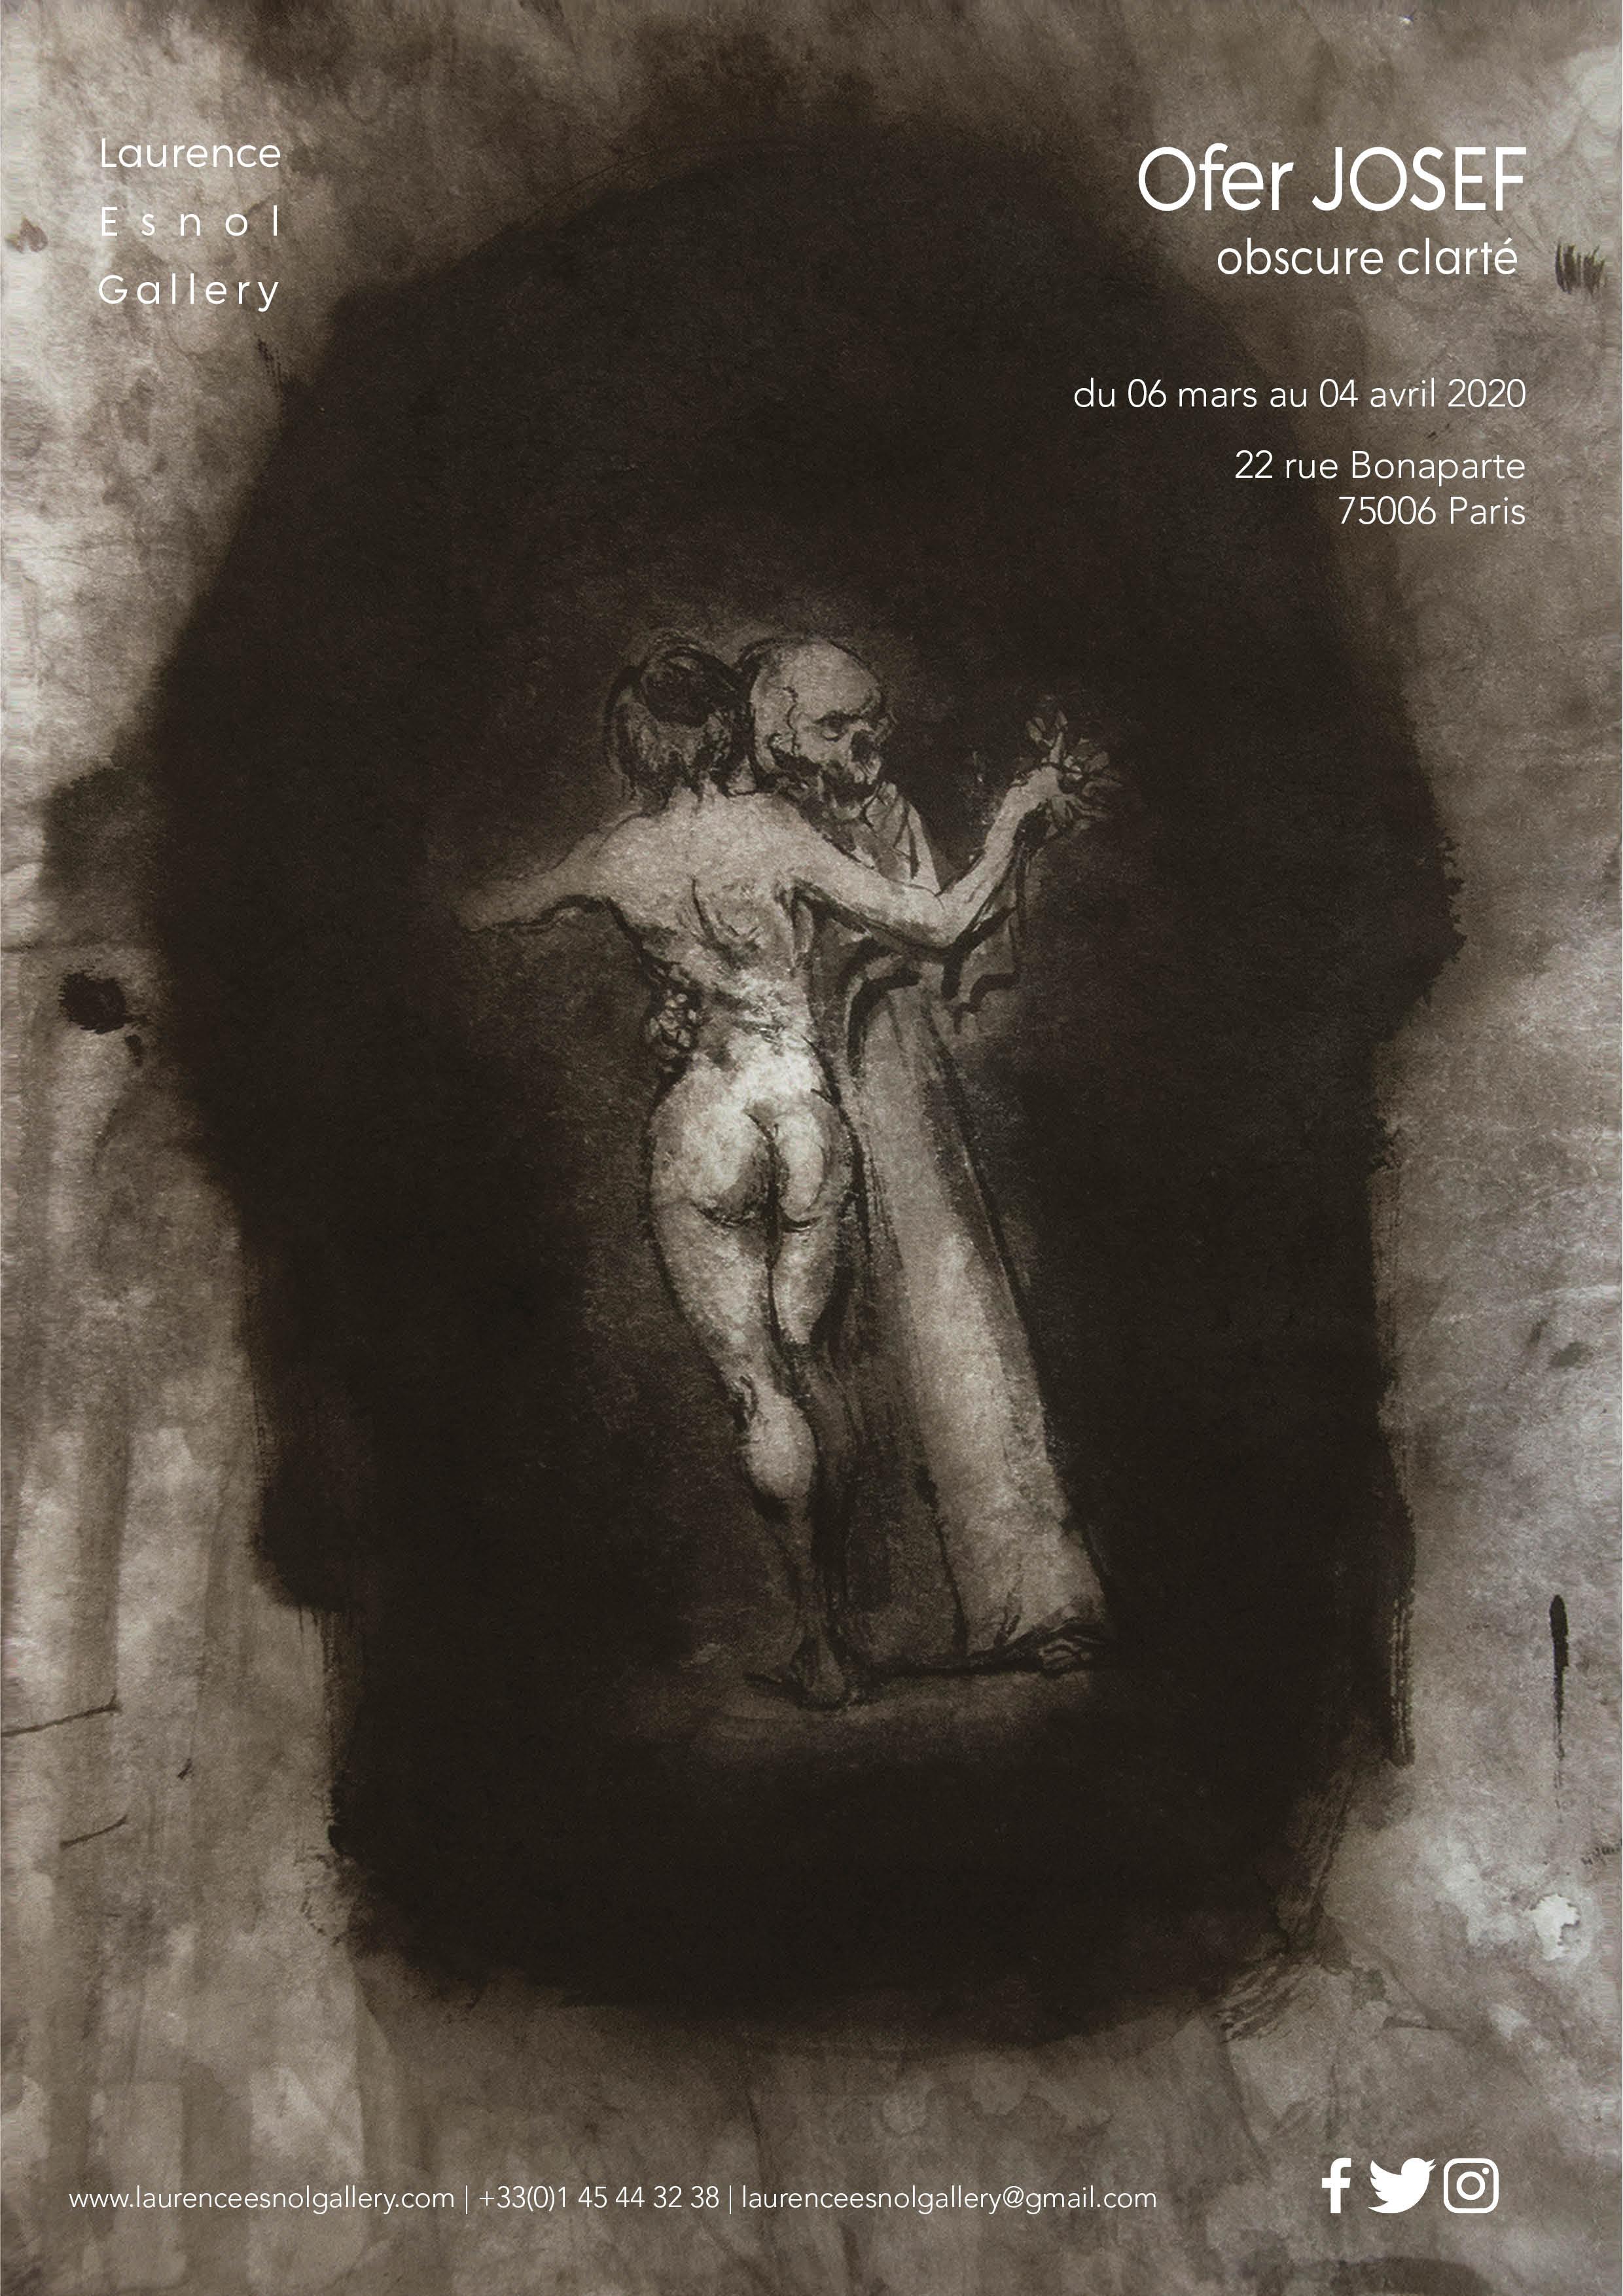 Ofer JosefOfer JOSEF - obscur clarté